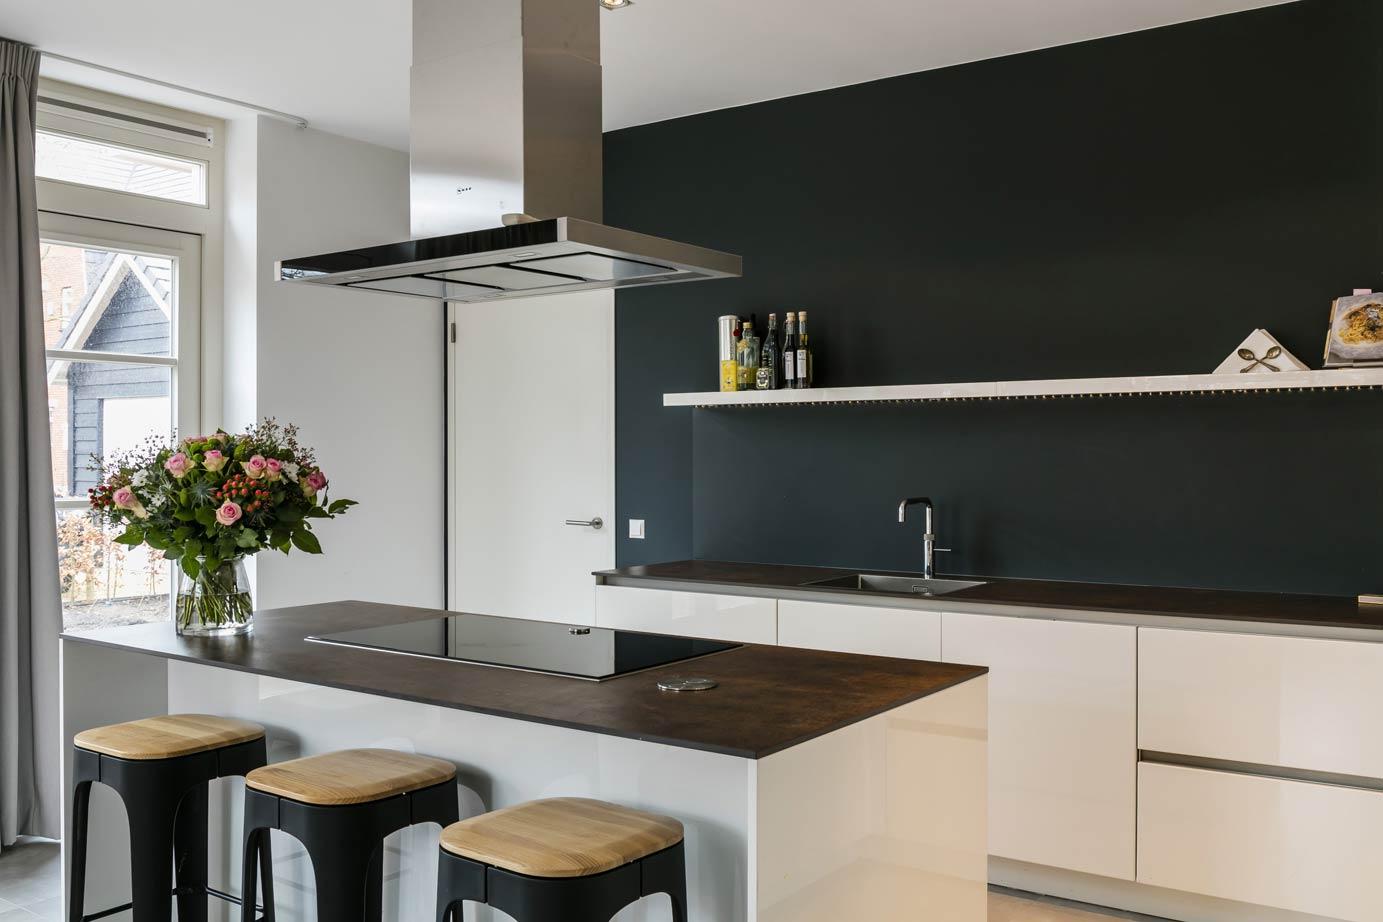 Witte Keuken Ervaring : Keuken met kookeiland kopen in bloemendaal lees ervaring van